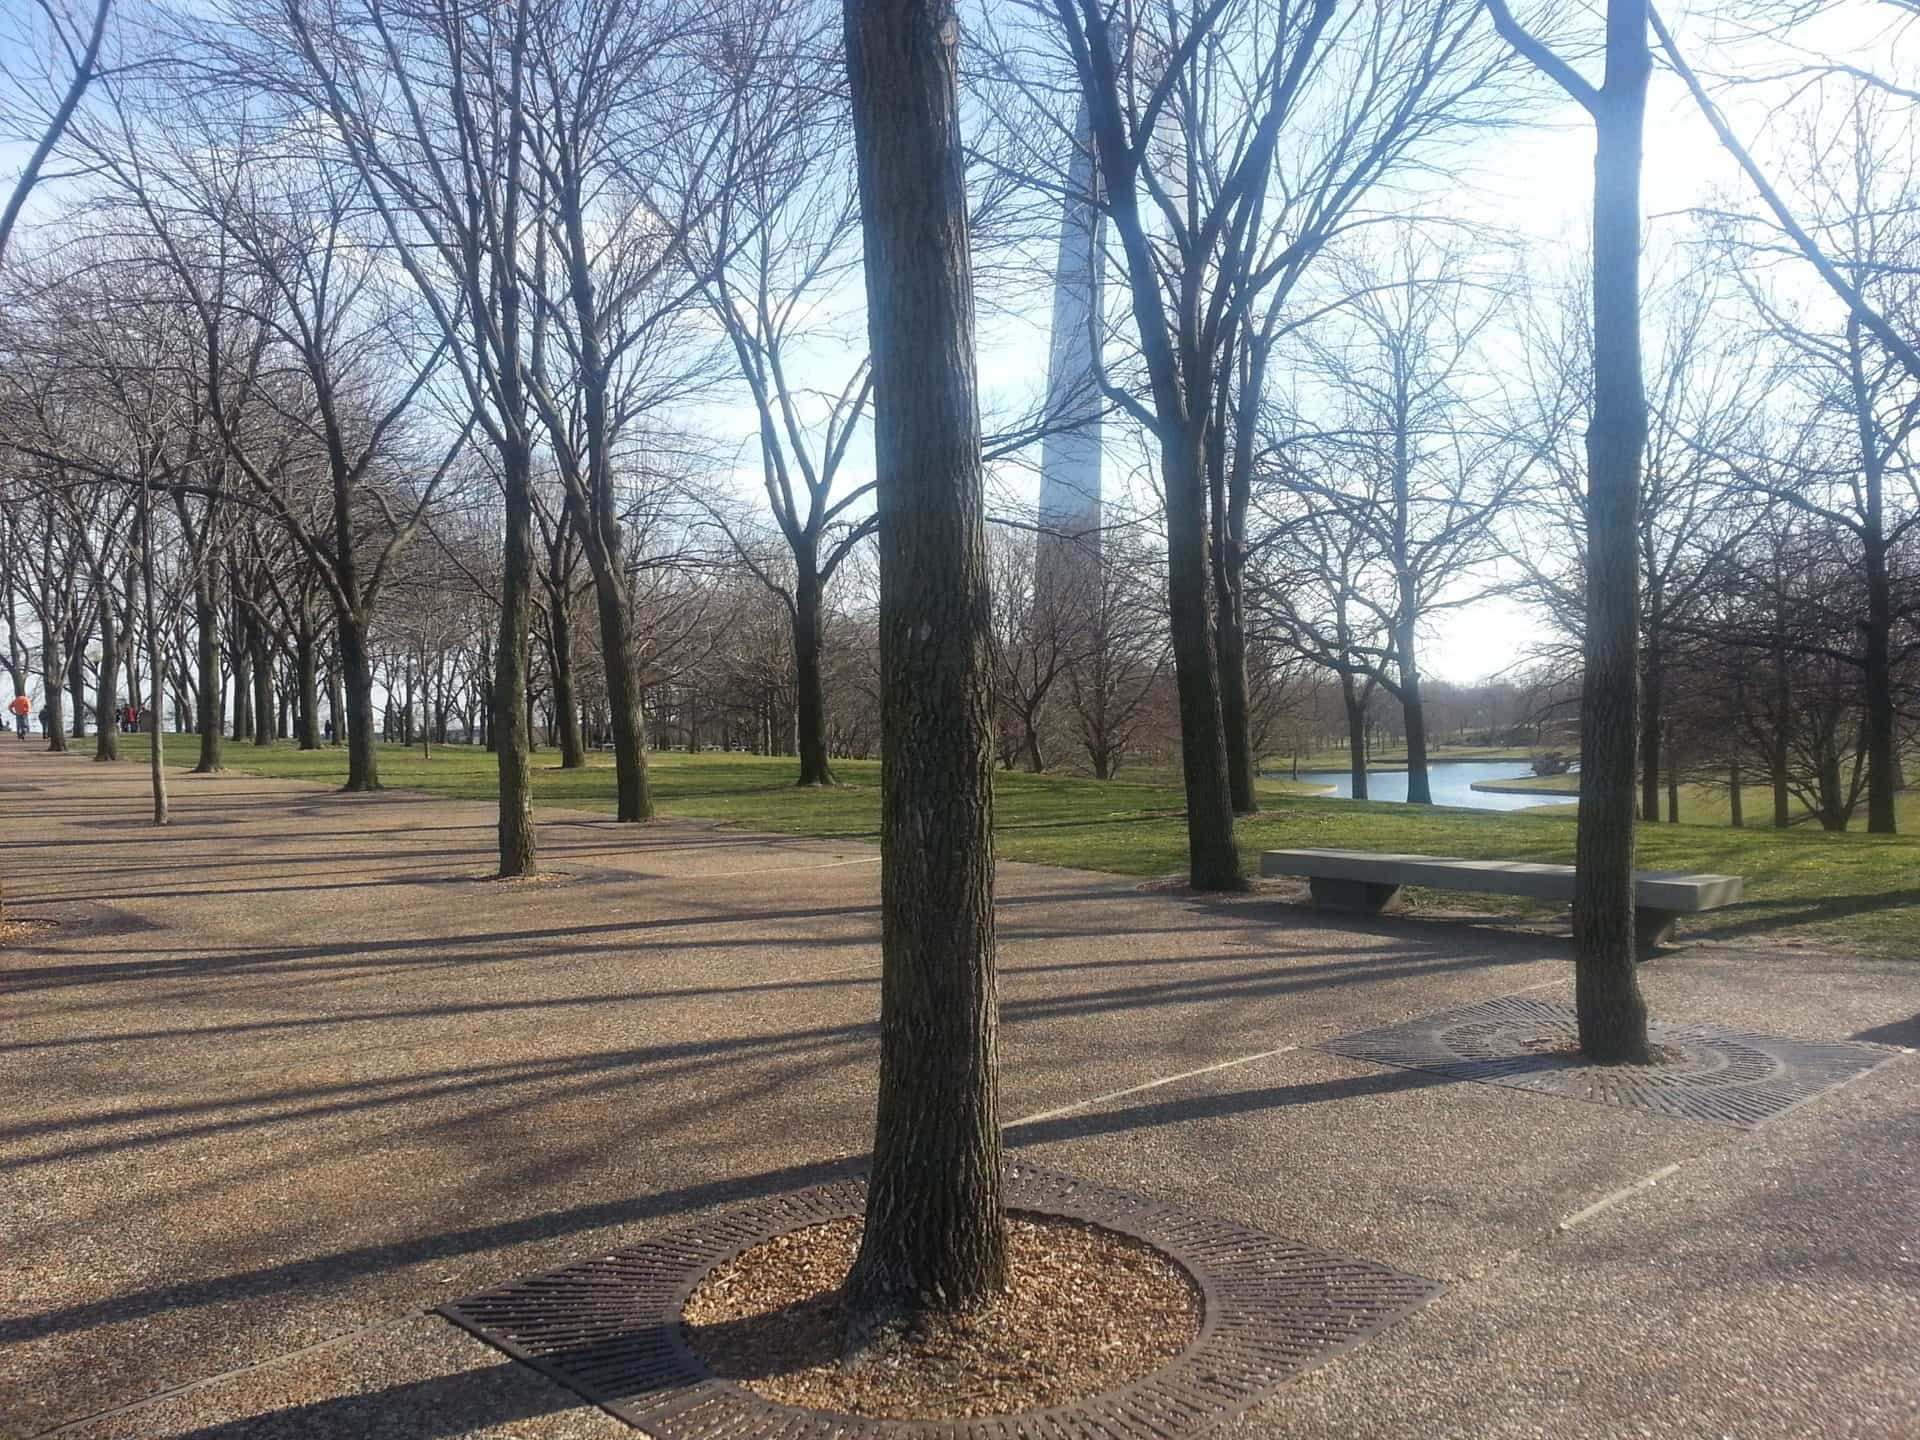 Gateway Arch, St Louis - Park surrounding the arch